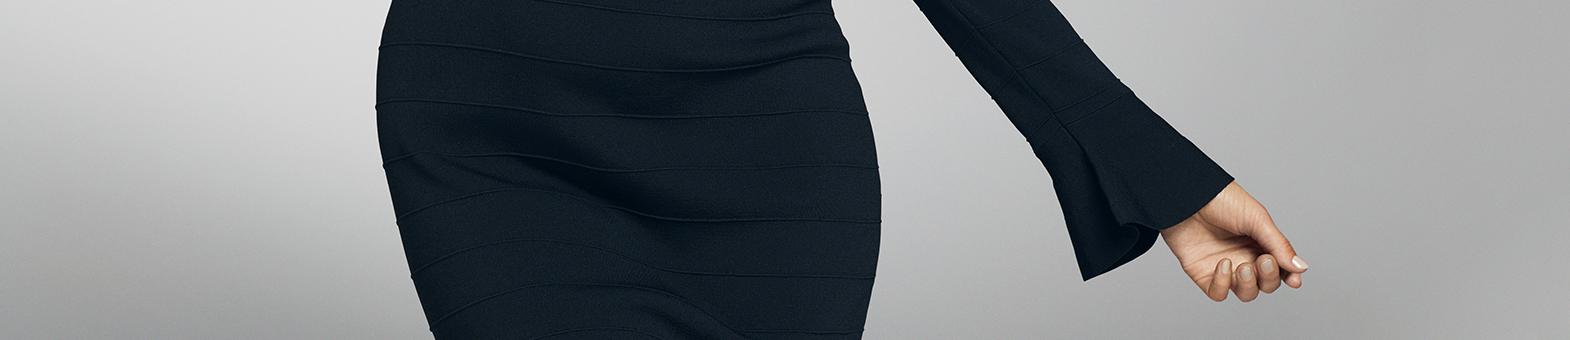 Dresses on sale - plus size - fiorella rubino